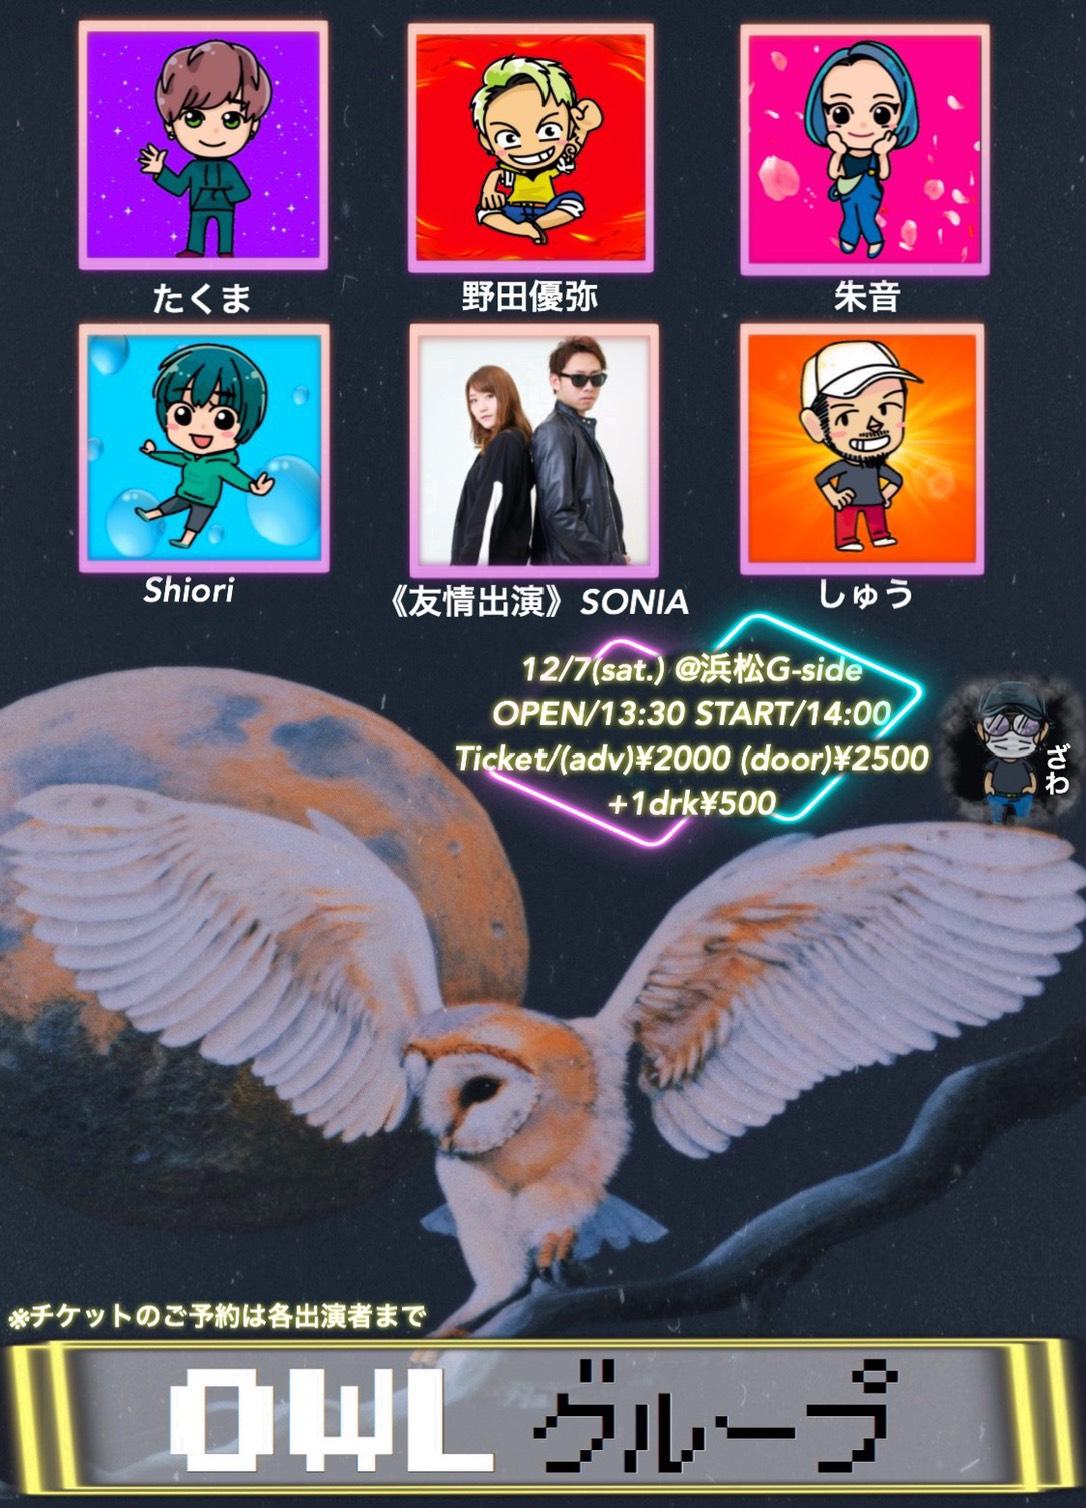 12月7日土曜日 OWL